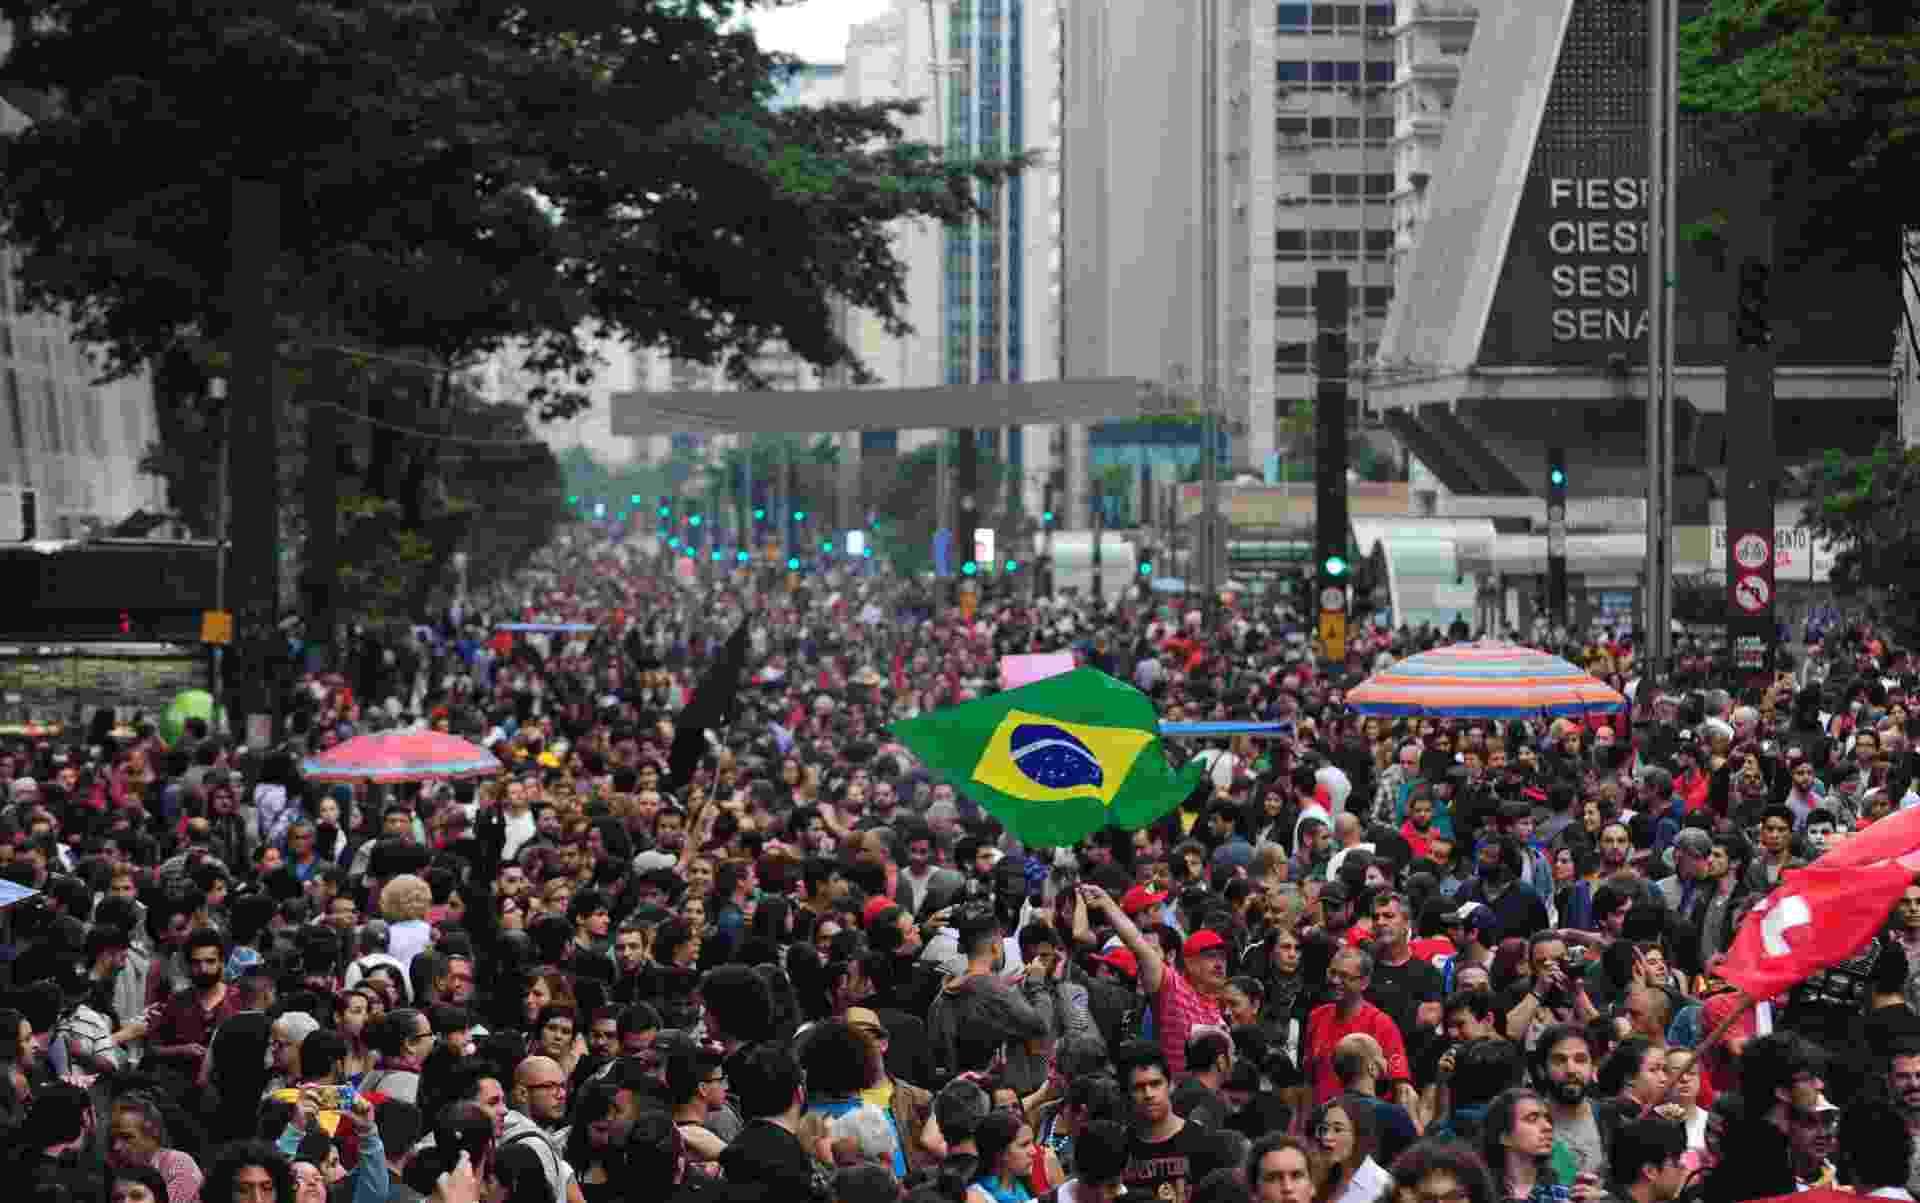 4.set.2016 - Avenida Paulista, em São Paulo, é tomada por manifestantes em grande ato contra o atual presidente Michel Temer (PMDB). Protesto, convocado por movimentos sociais e centrais sindicais, levou milhares de pessoas que pedem a saída de Temer - Júnior Lago/UOL